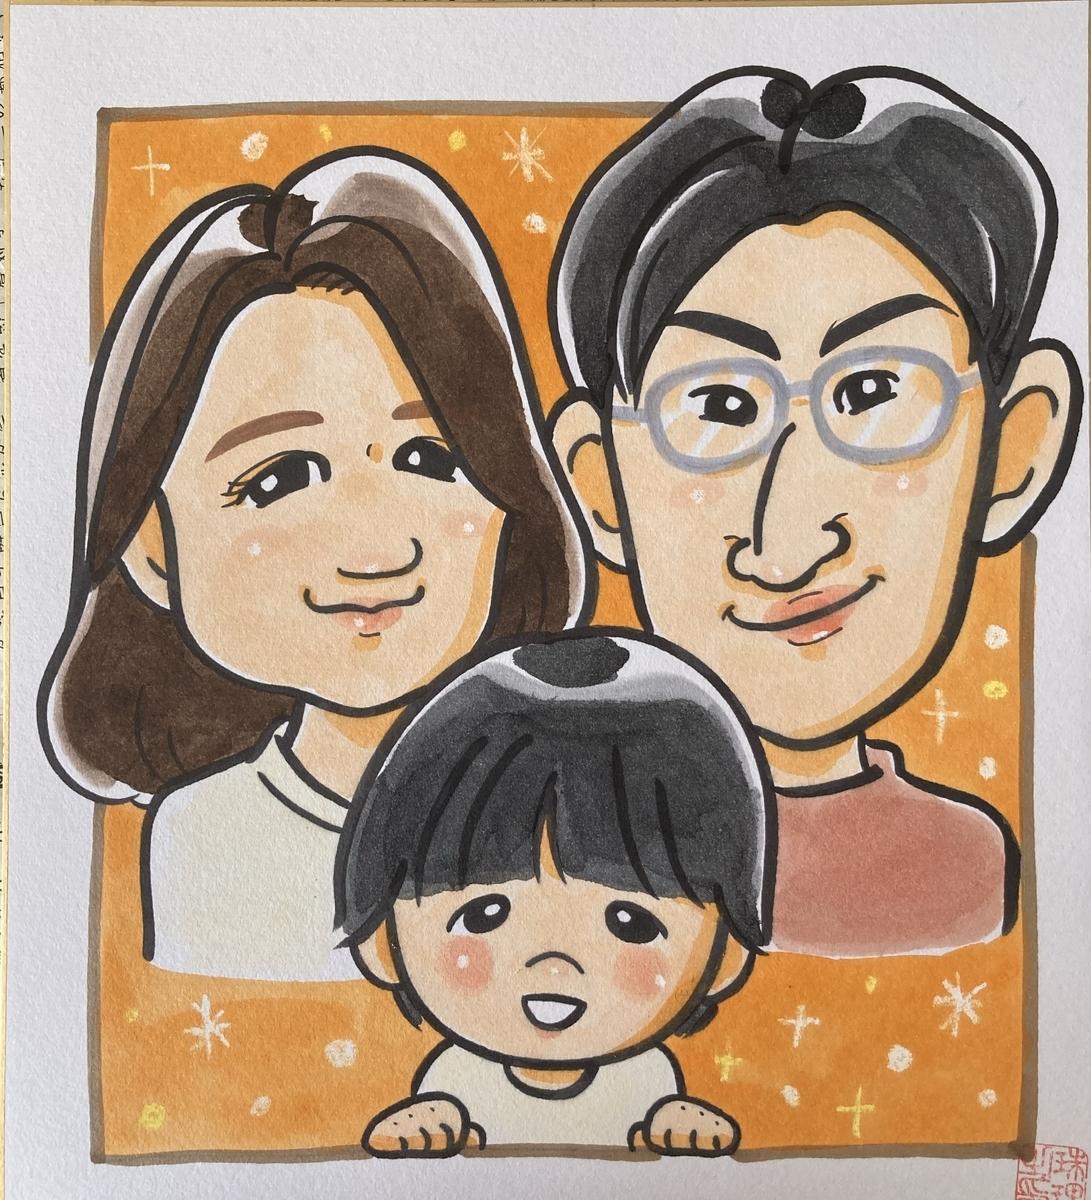 家族3人の似顔絵 北海道札幌の似顔絵作家高井じゅり 似顔絵ファクトリー